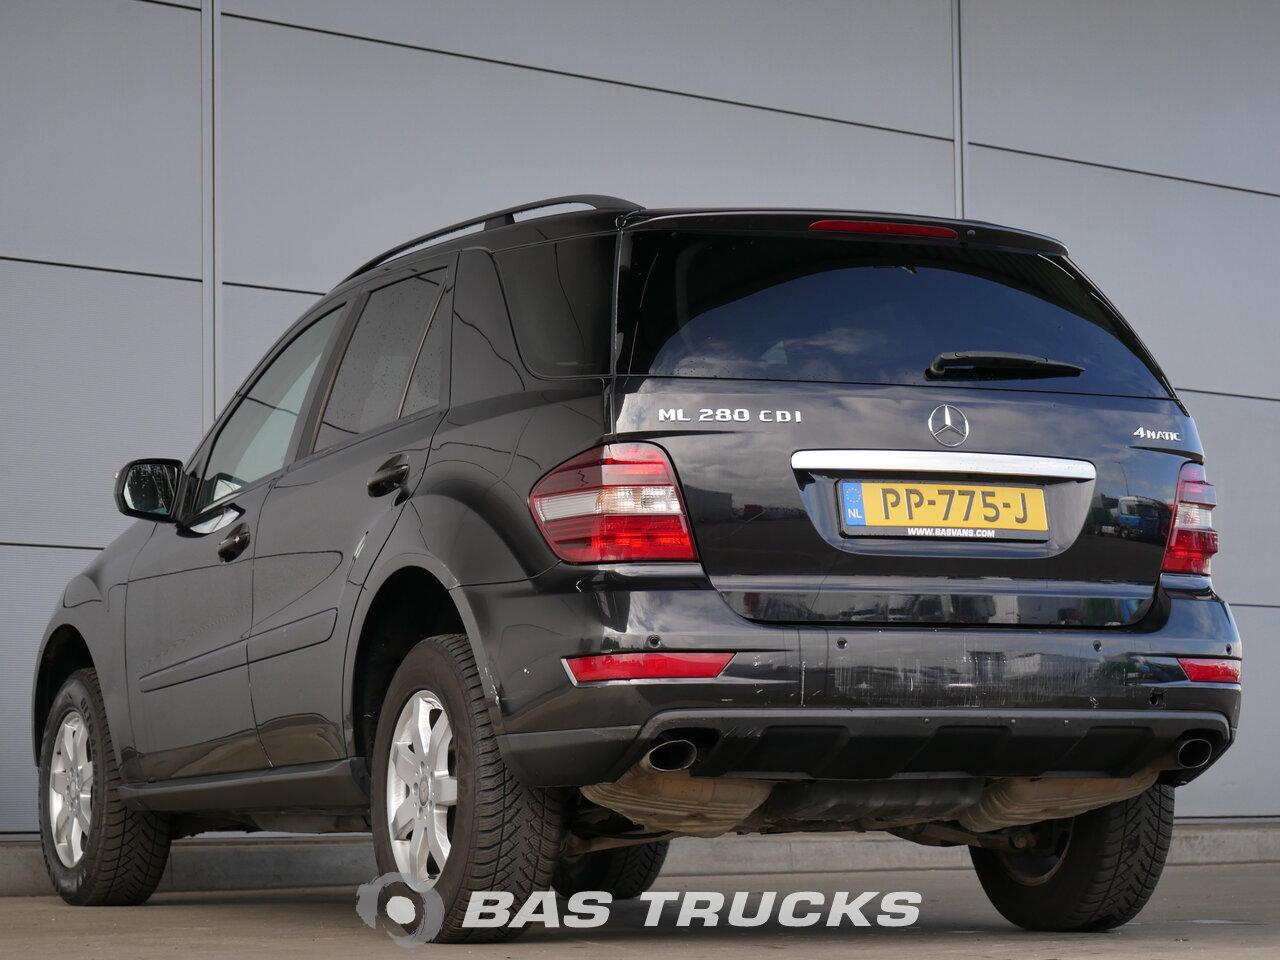 mercedes ml 280 cdi 4matic automobil euro norma 0 13600 bas trucks. Black Bedroom Furniture Sets. Home Design Ideas